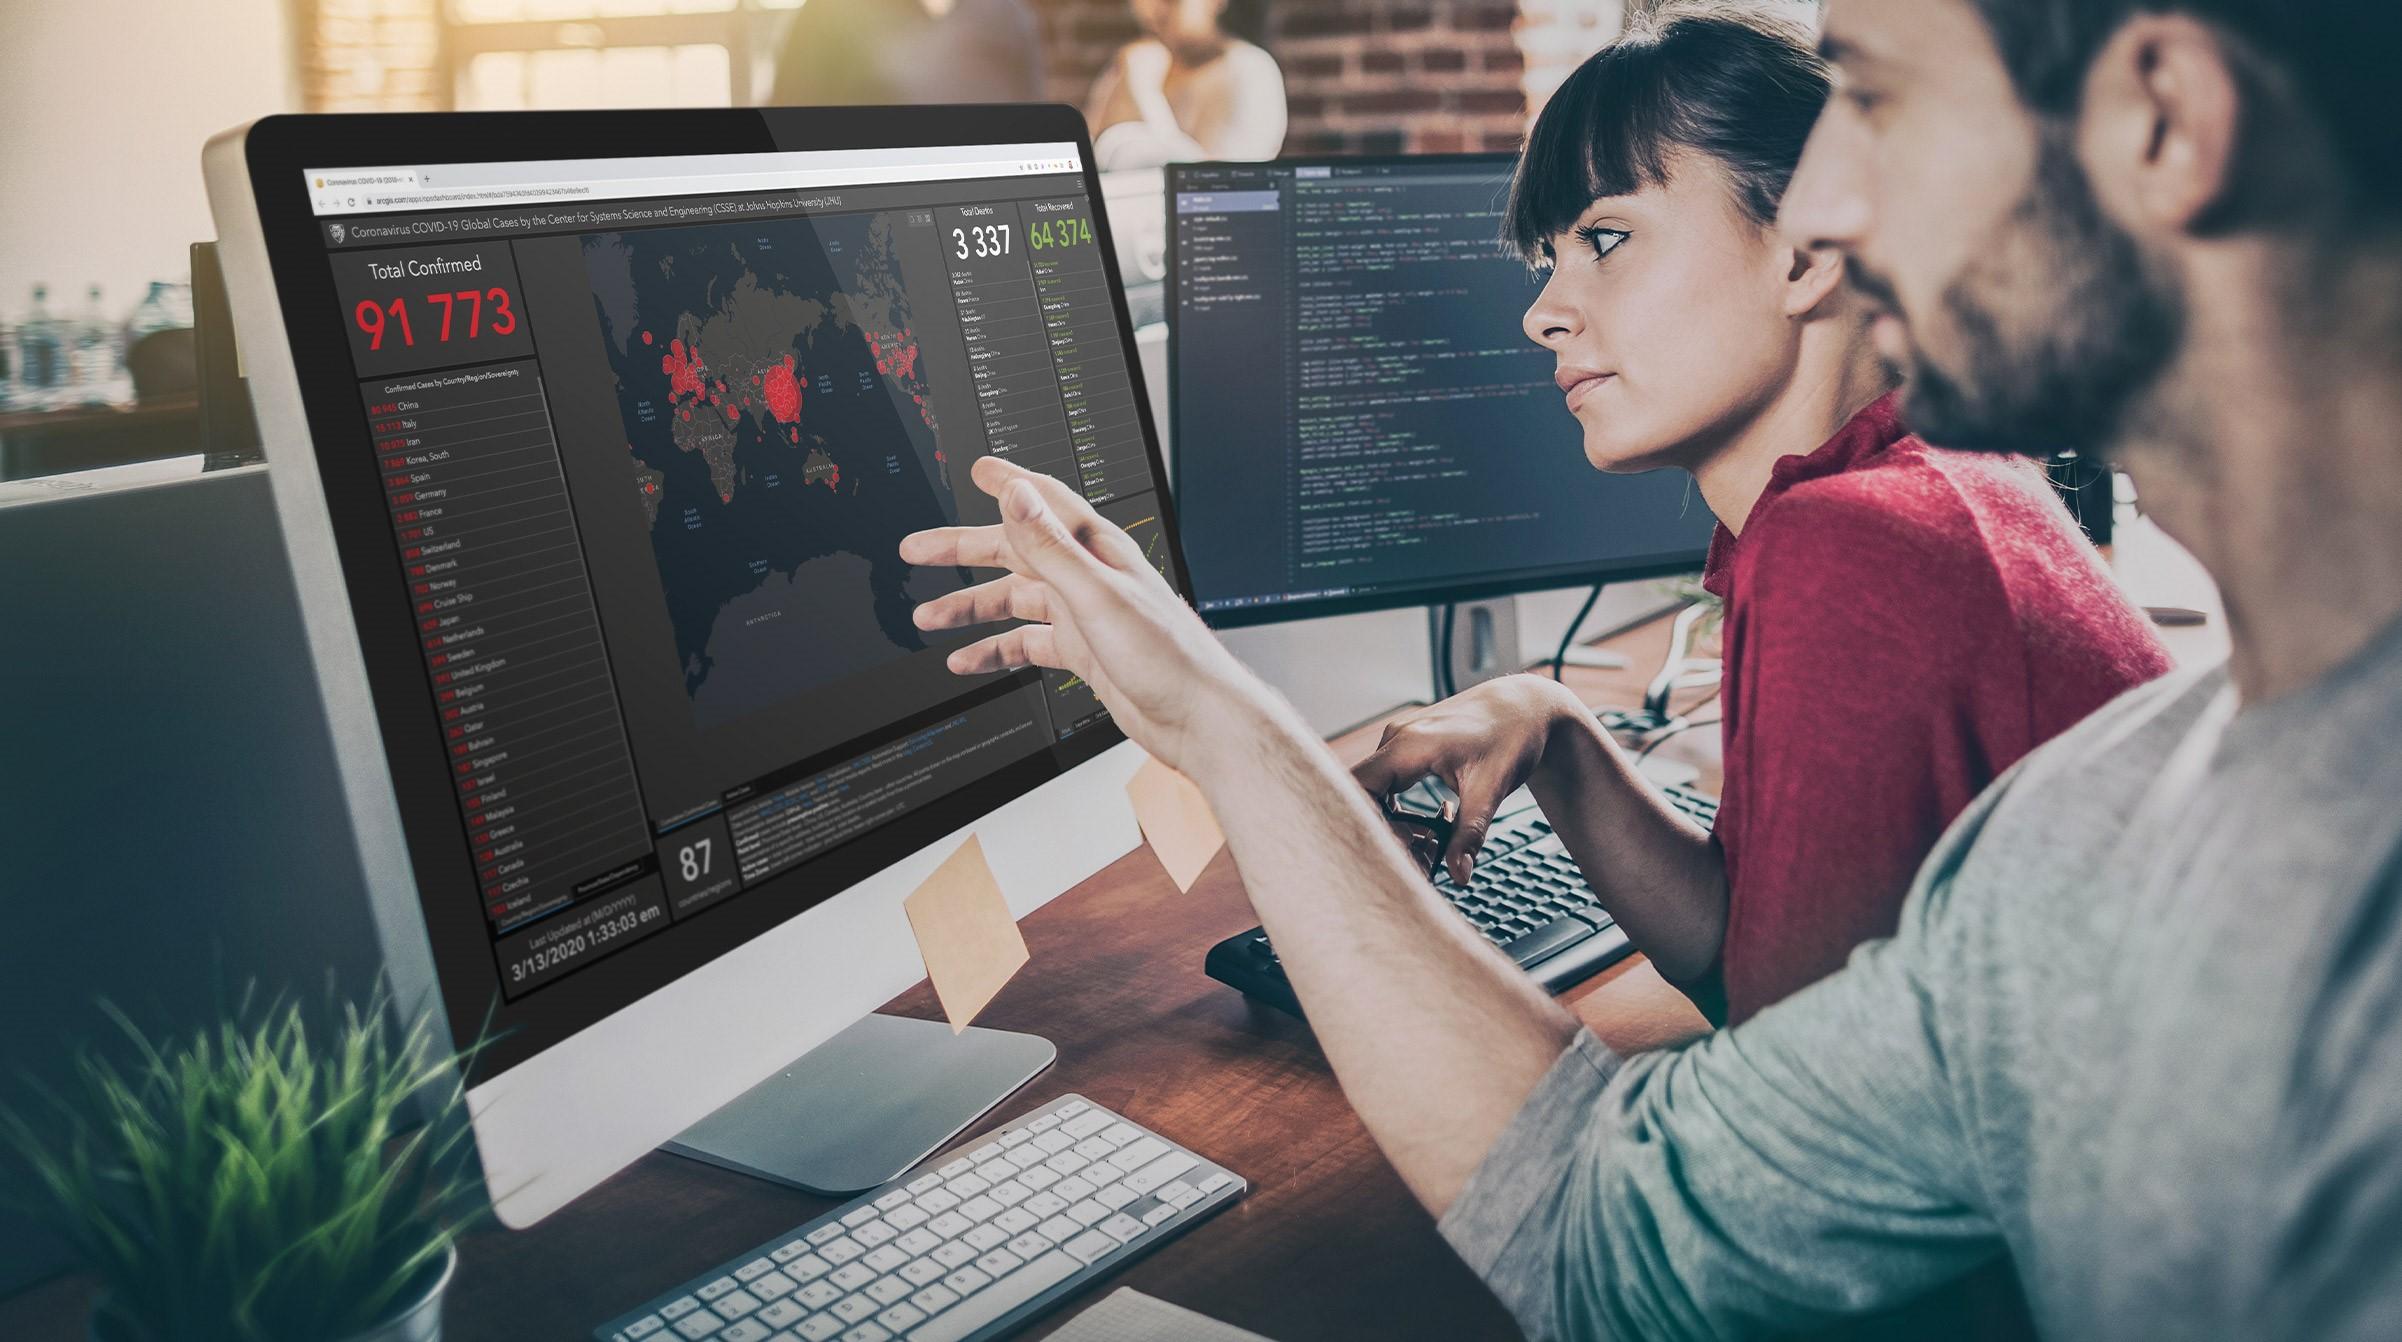 Tjänstemän vid dator tittar på Corona dashboard